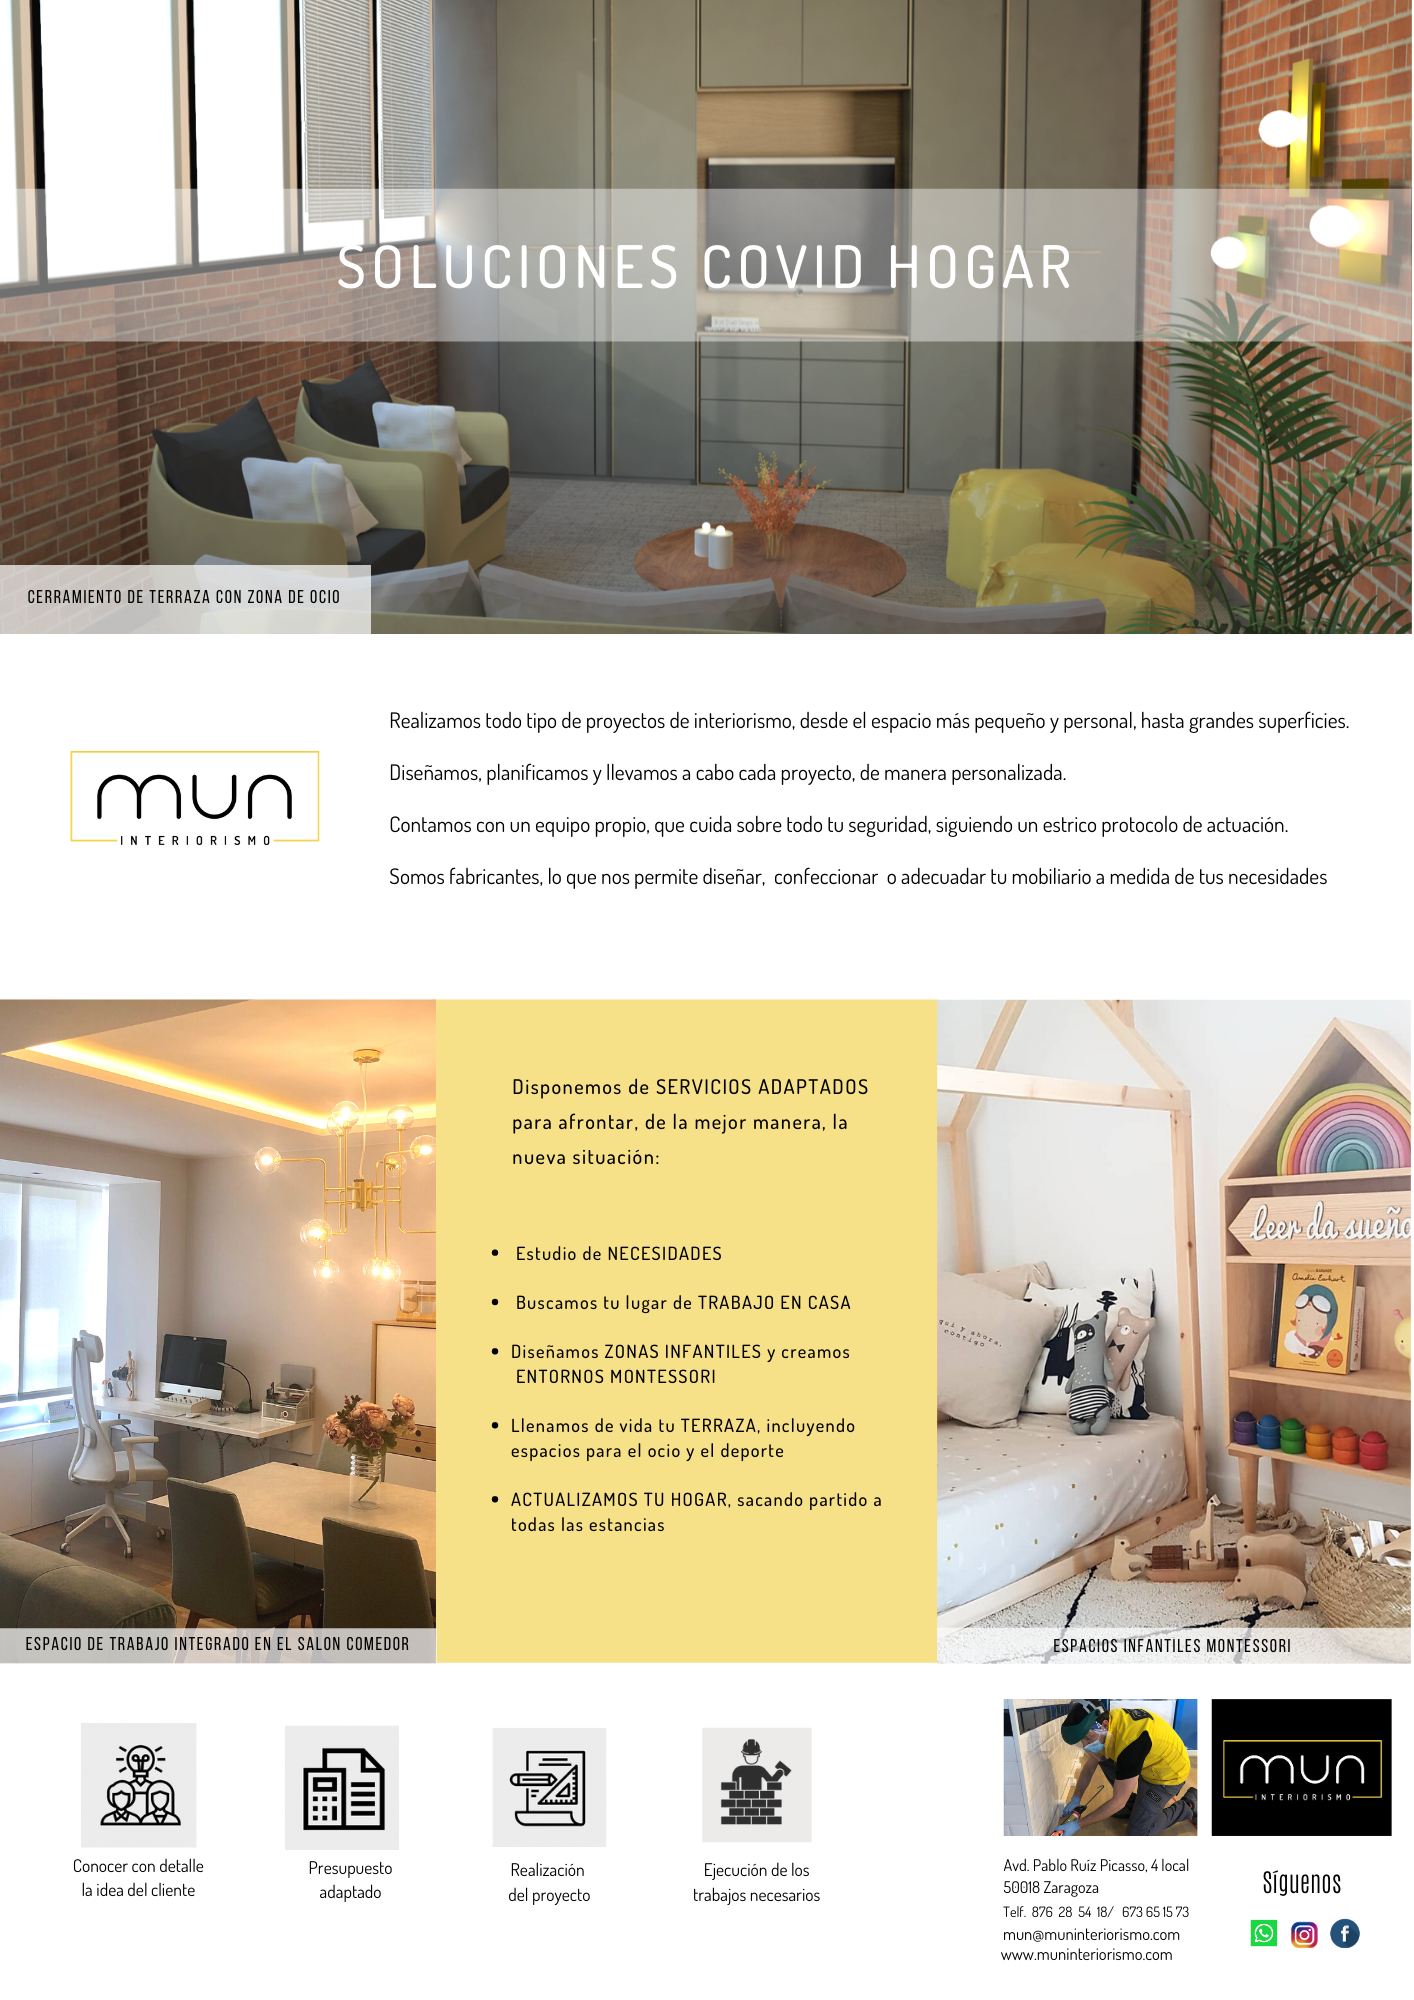 Opciones de adpatación de viviendas a la realidad COVID19